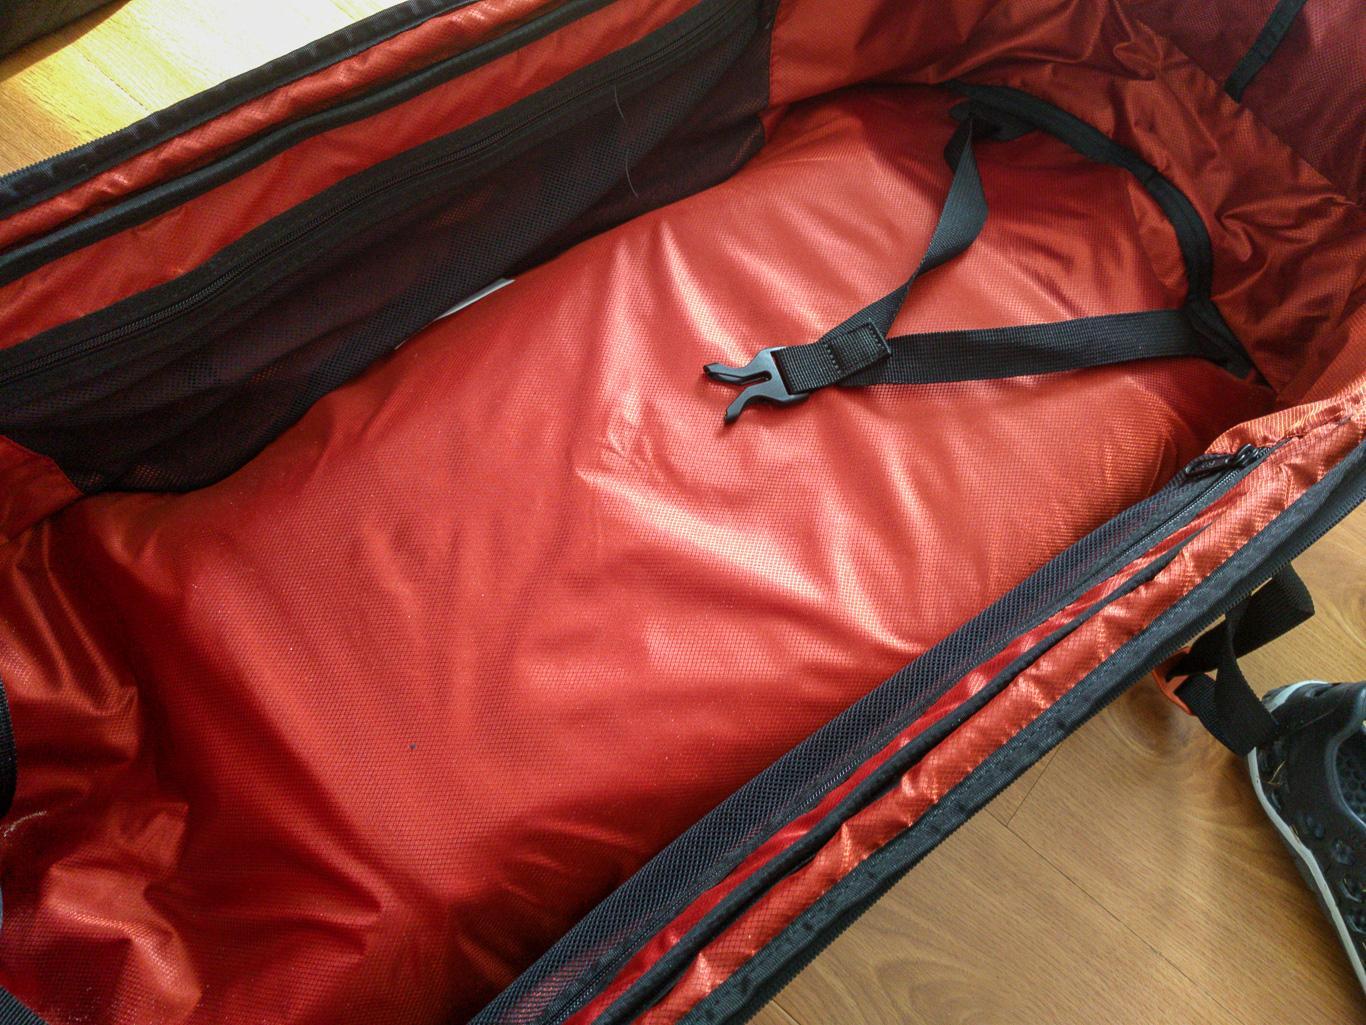 Volumenbeschränkung durch Nutzung der Rückentasche